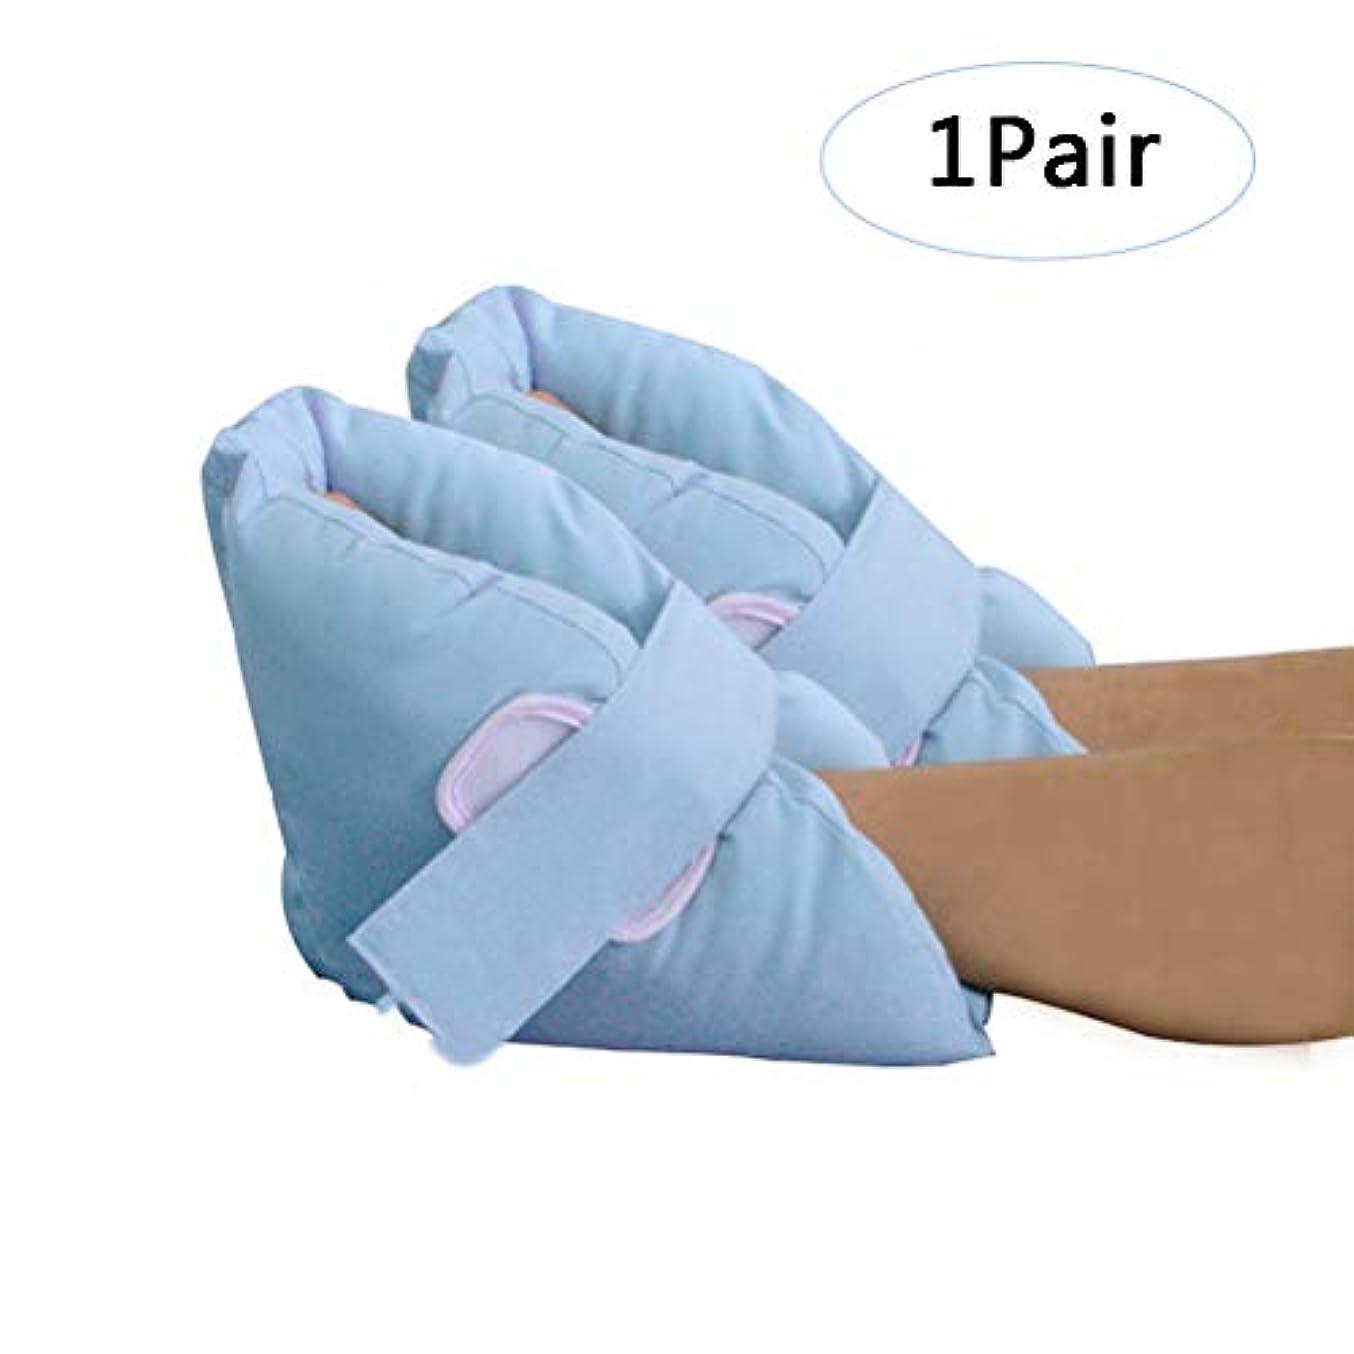 小石早熟公園ブートヒールプロテクタークッション-潰瘍とPressure瘡から足とかかとを保護-床の痛みと負傷の軽減-クッションギフトとして良い